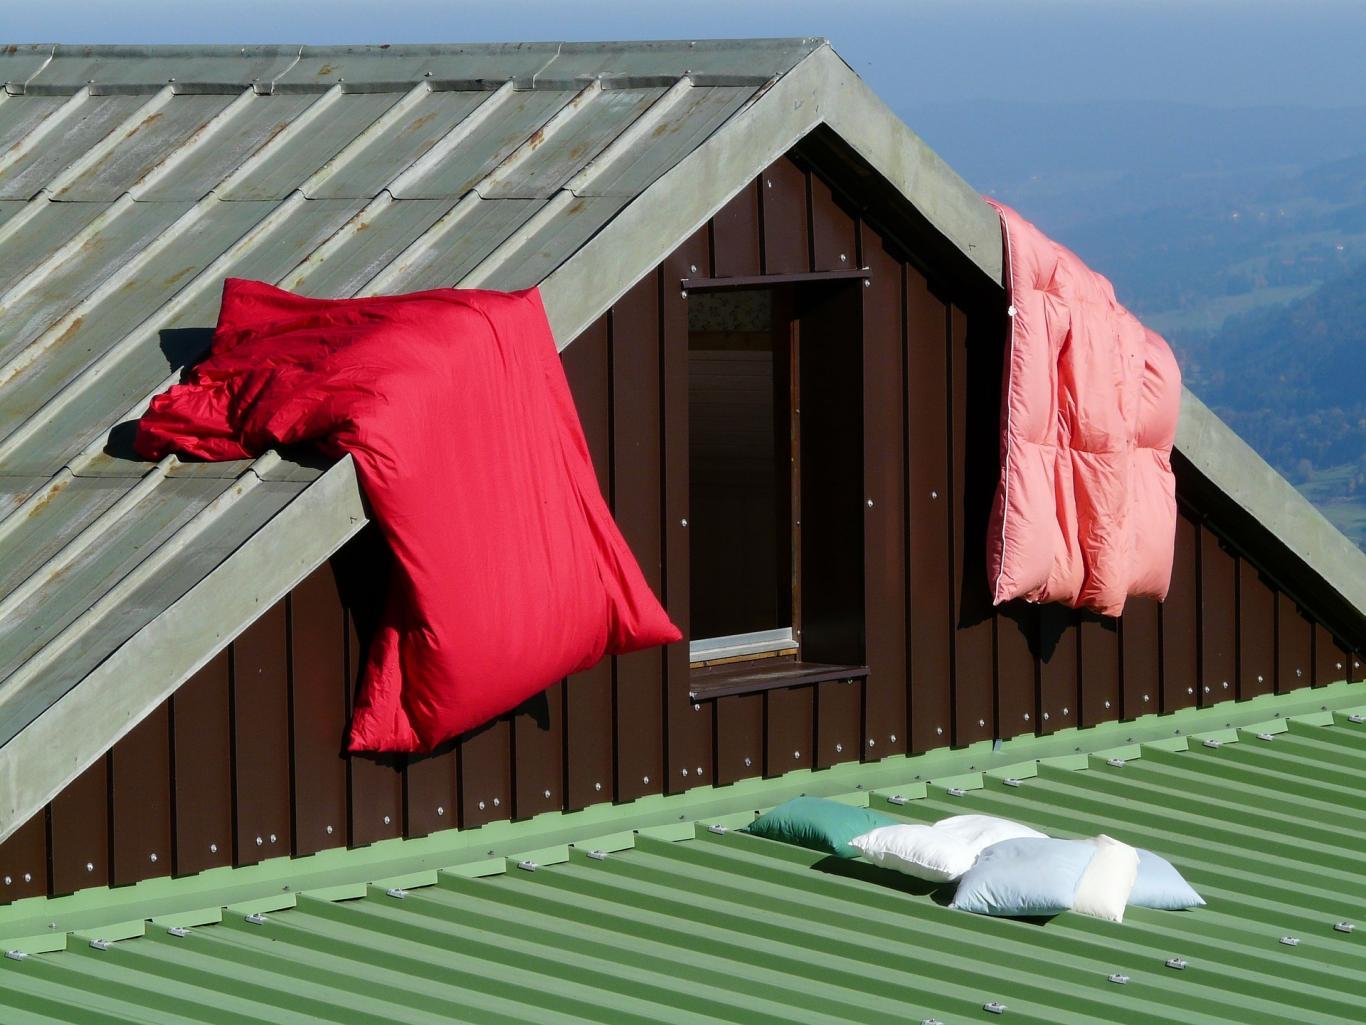 Ventana de una buhardilla con saco de dormir